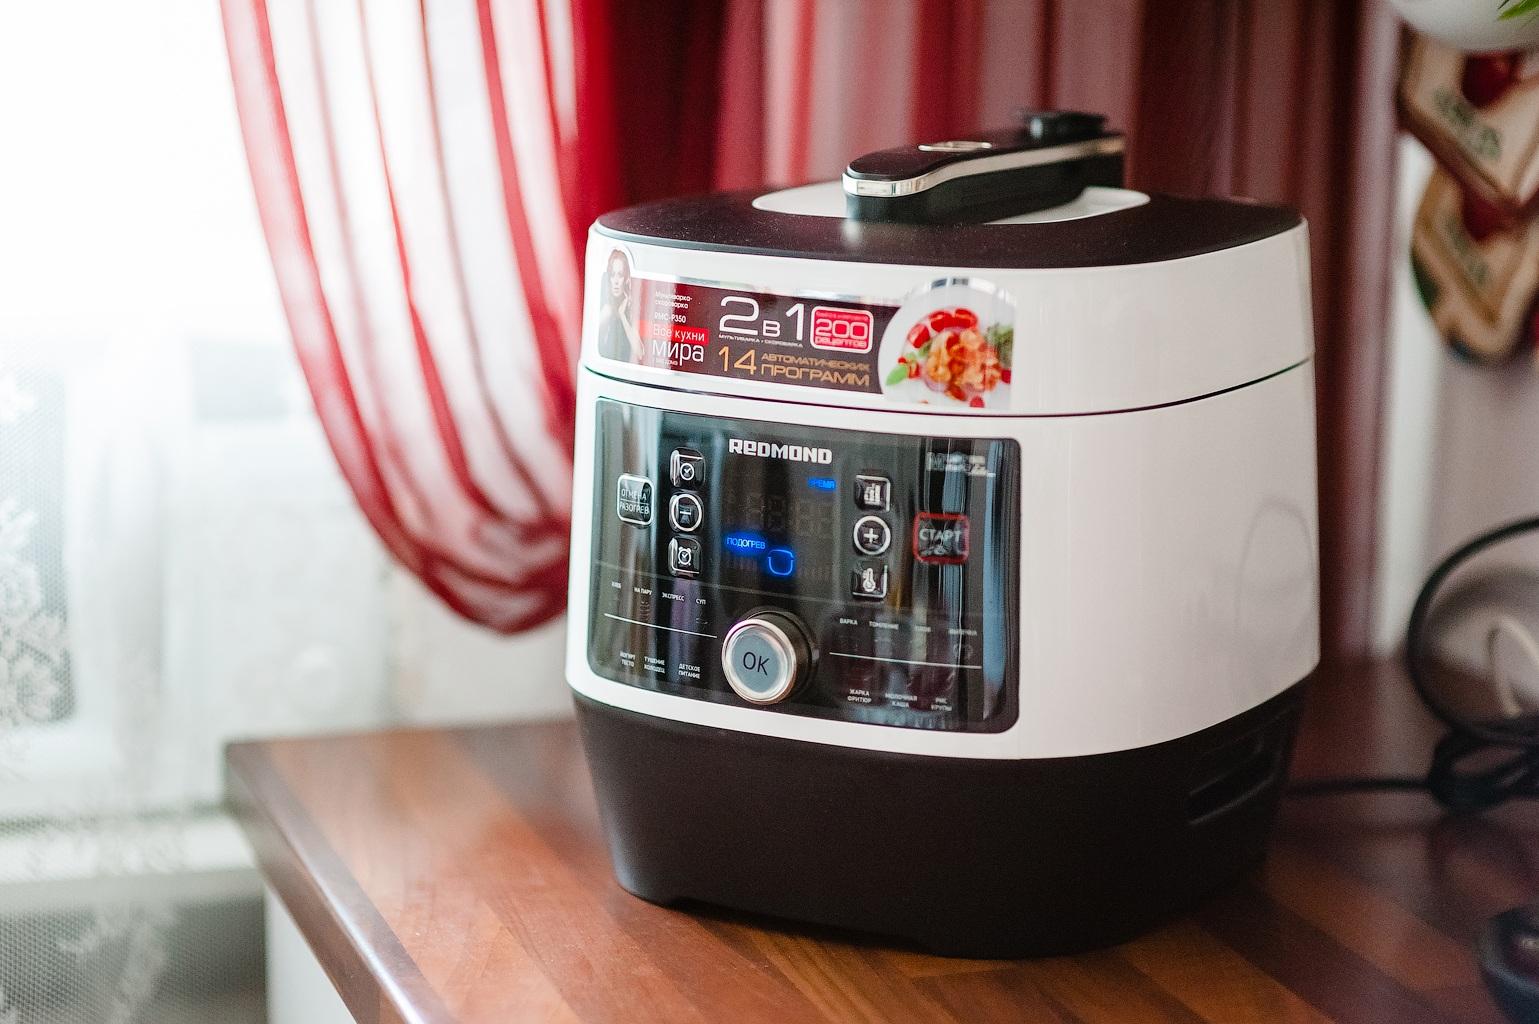 Мультиварка-скороварка Редмонд на кухне